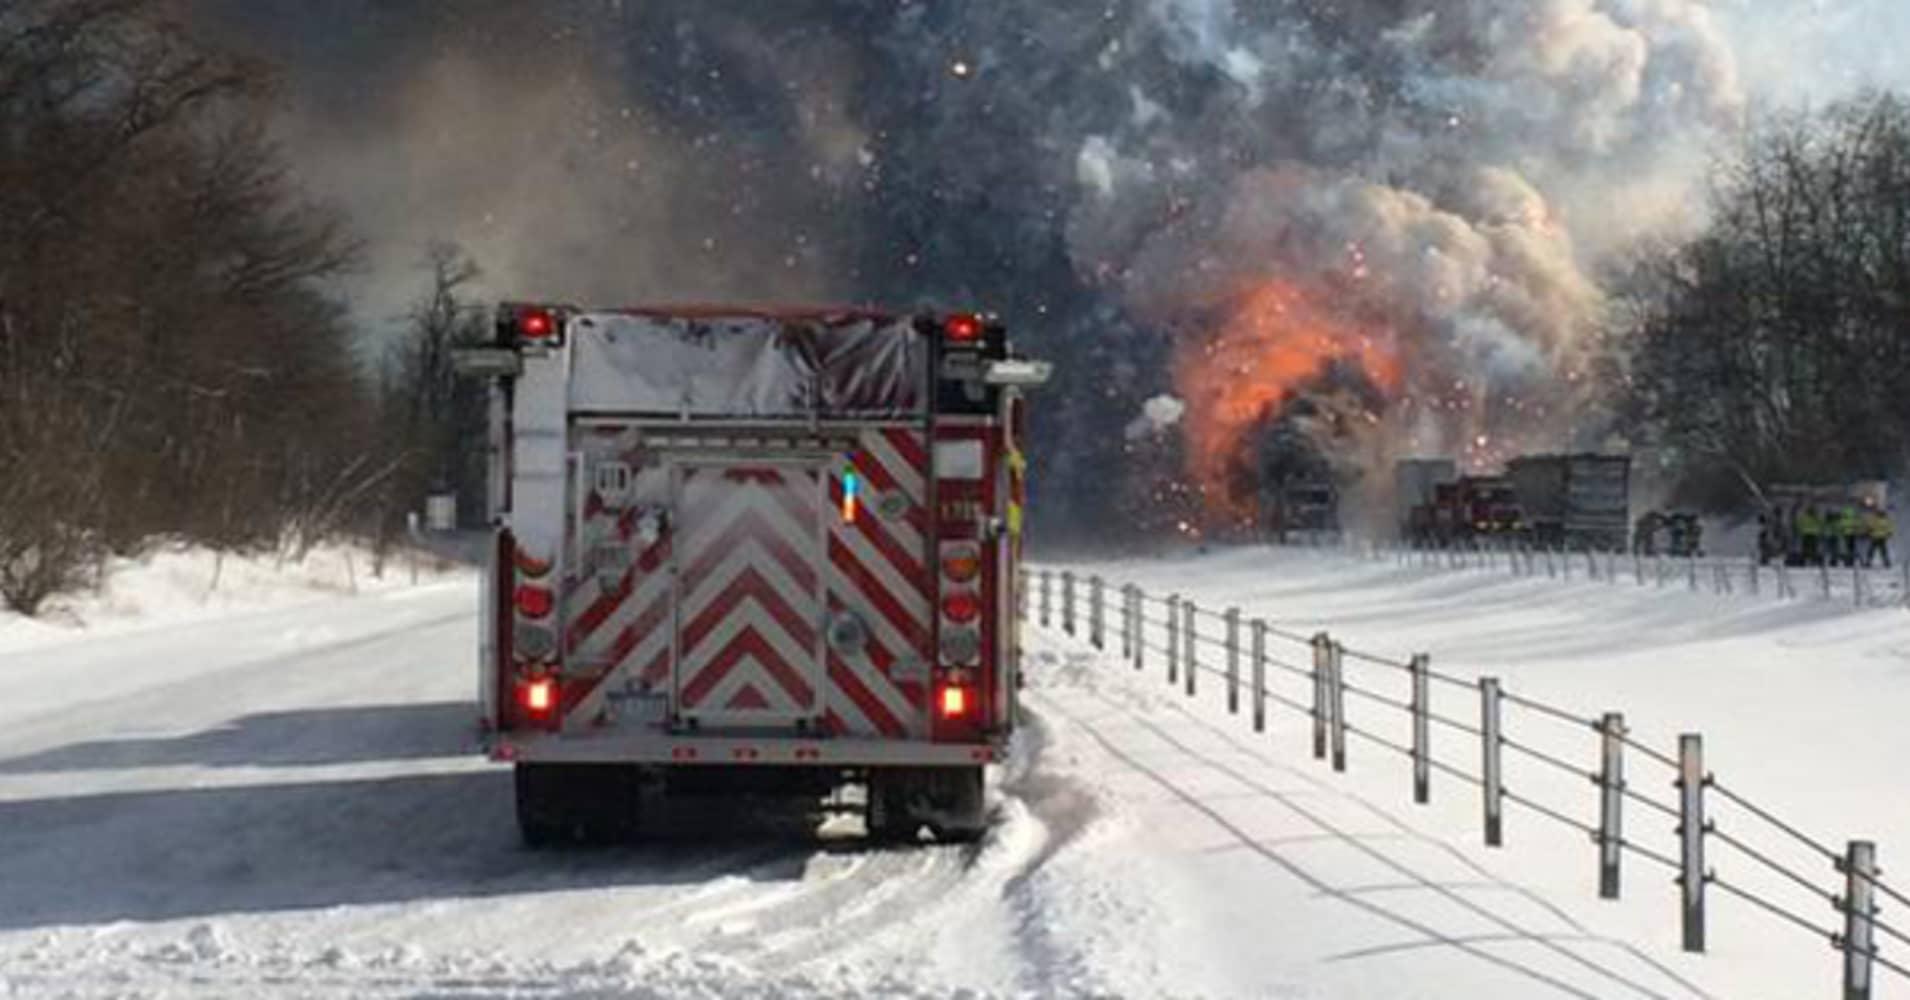 Mass evacuation after 150-plus car pileup in Michigan